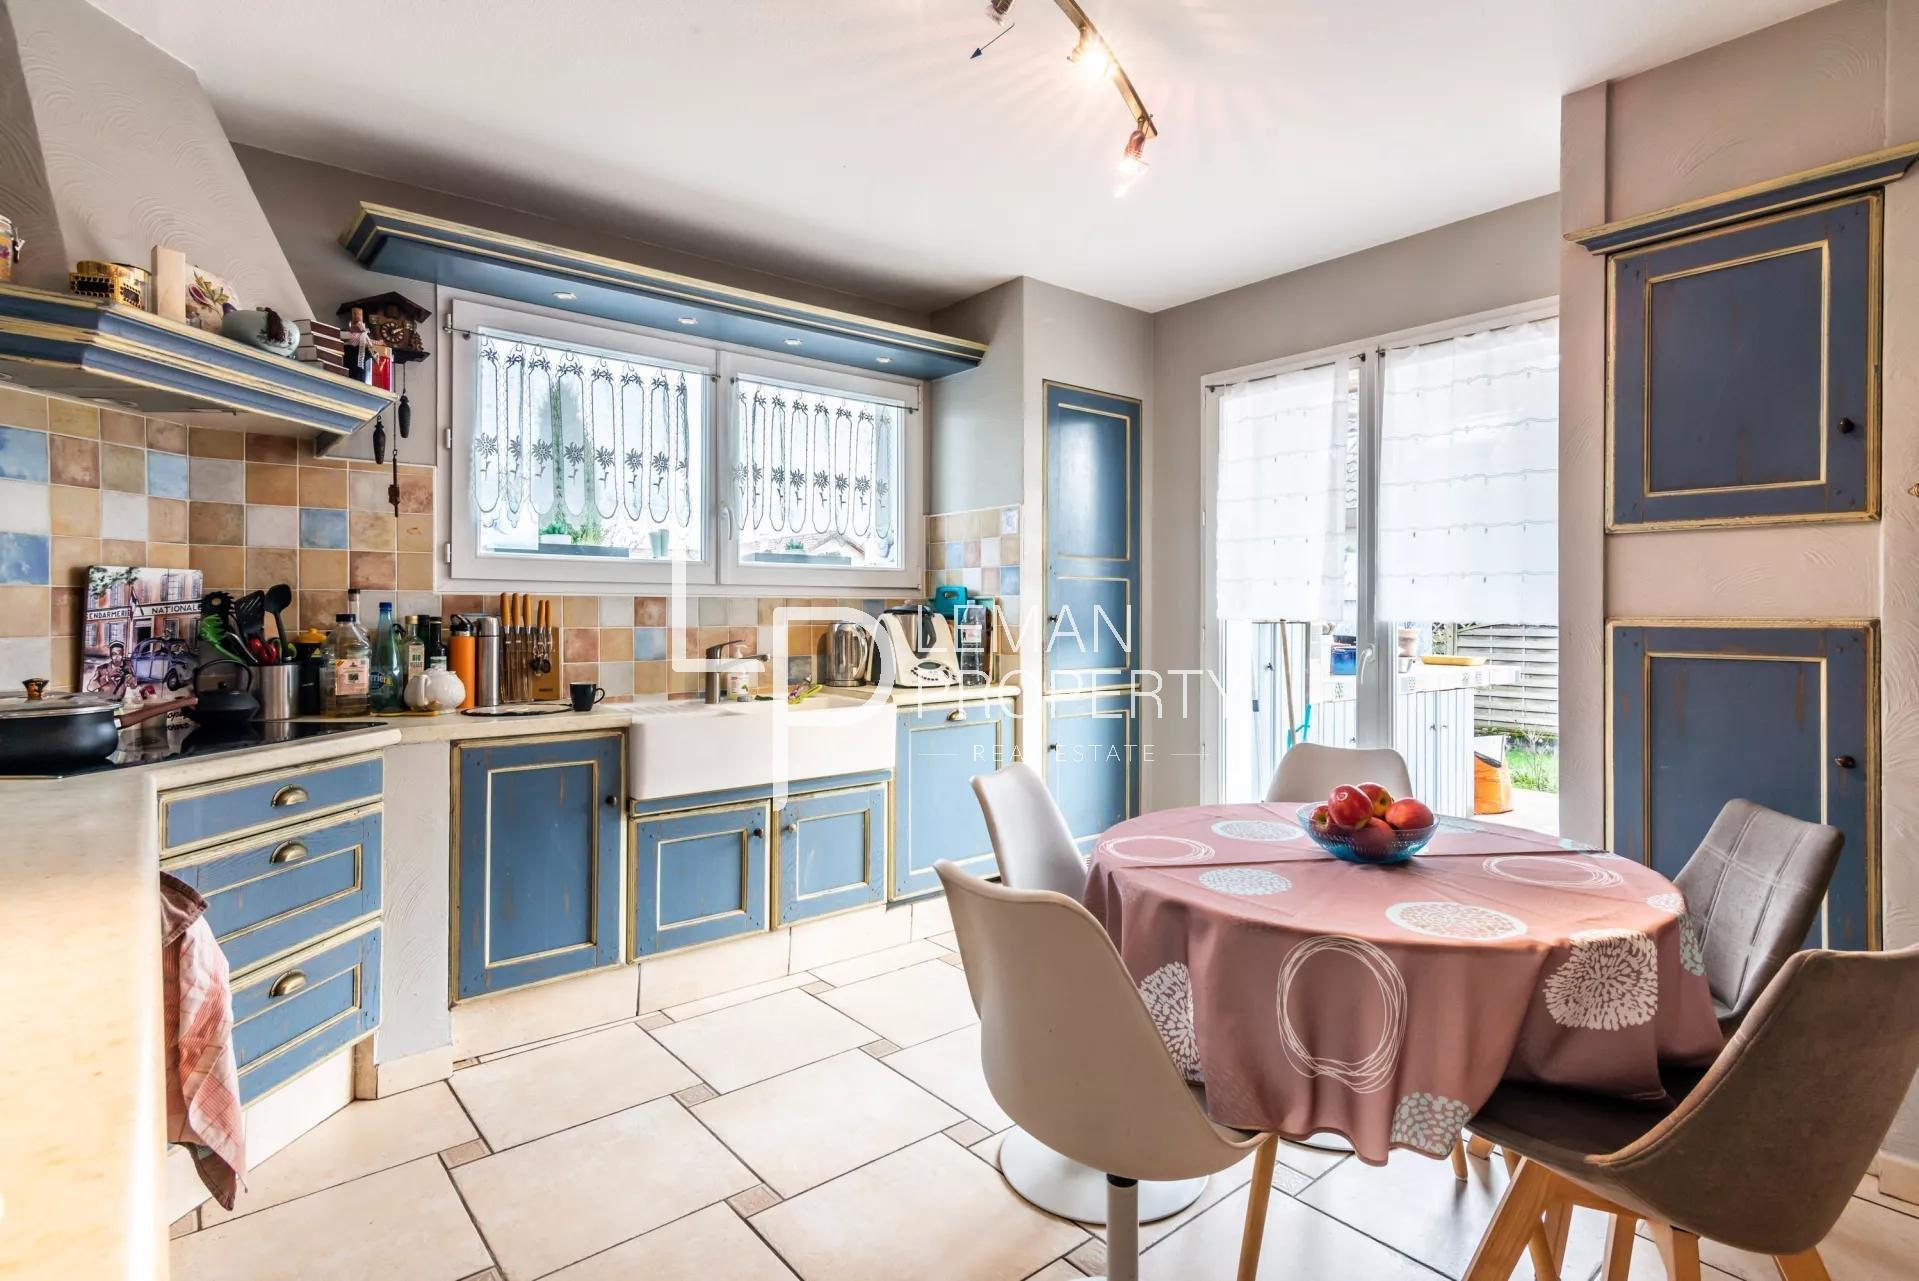 maison disponible à la vente à Thonon-les-Bains